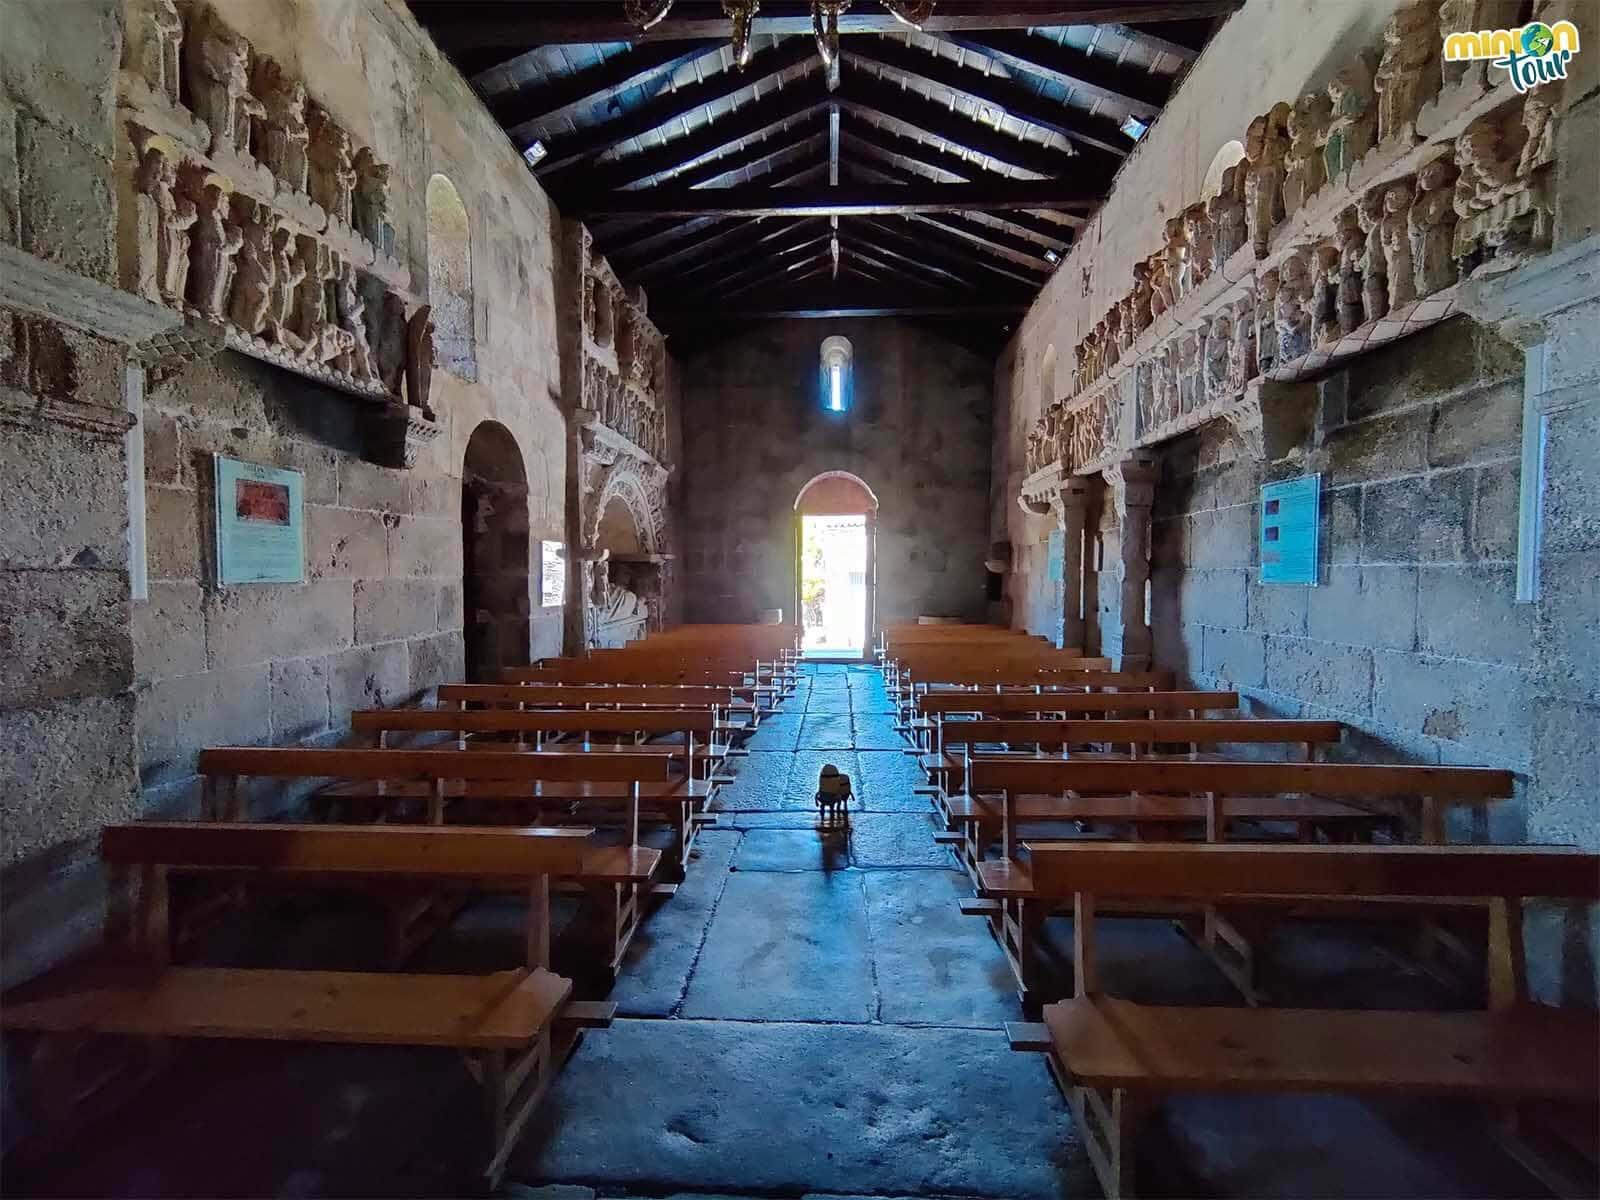 Los baldaquinos de la Iglesia de San Xulián de Ventosa son una pasada